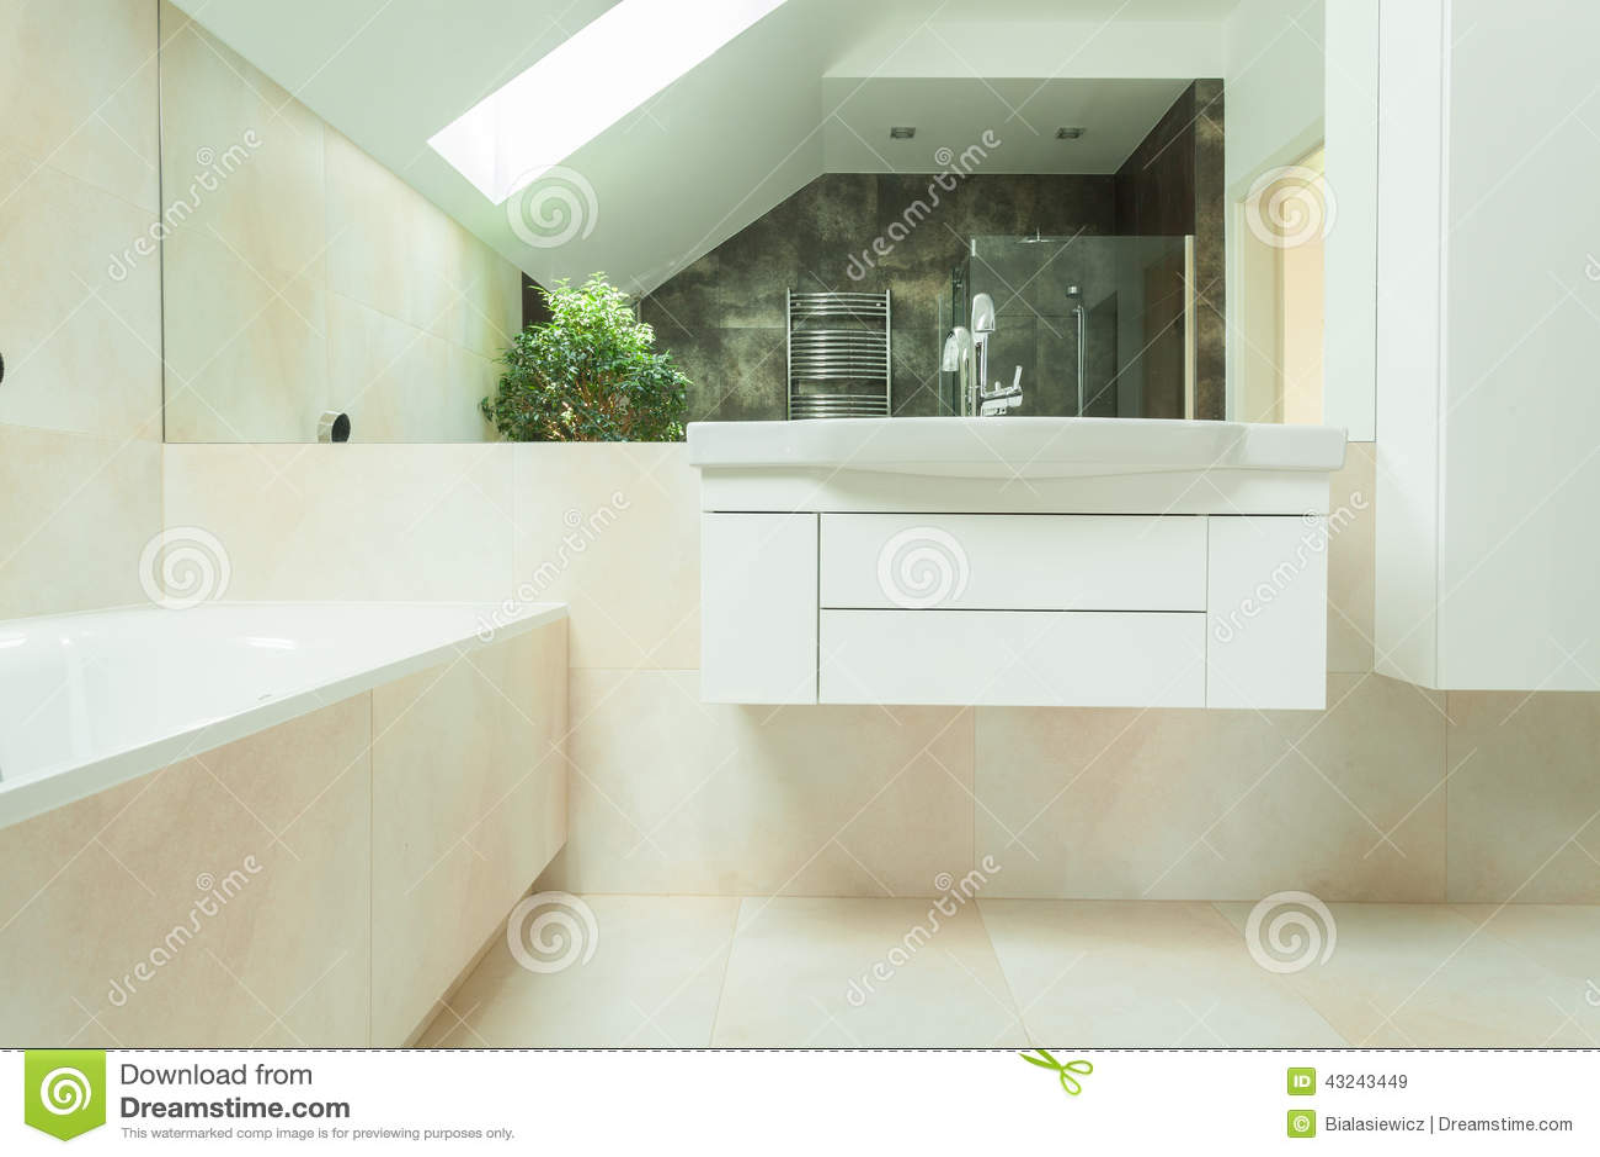 Salle De Bain Beige Meuble Taupe ~ salle de bains luxueuse moderne image stock image du bain maison